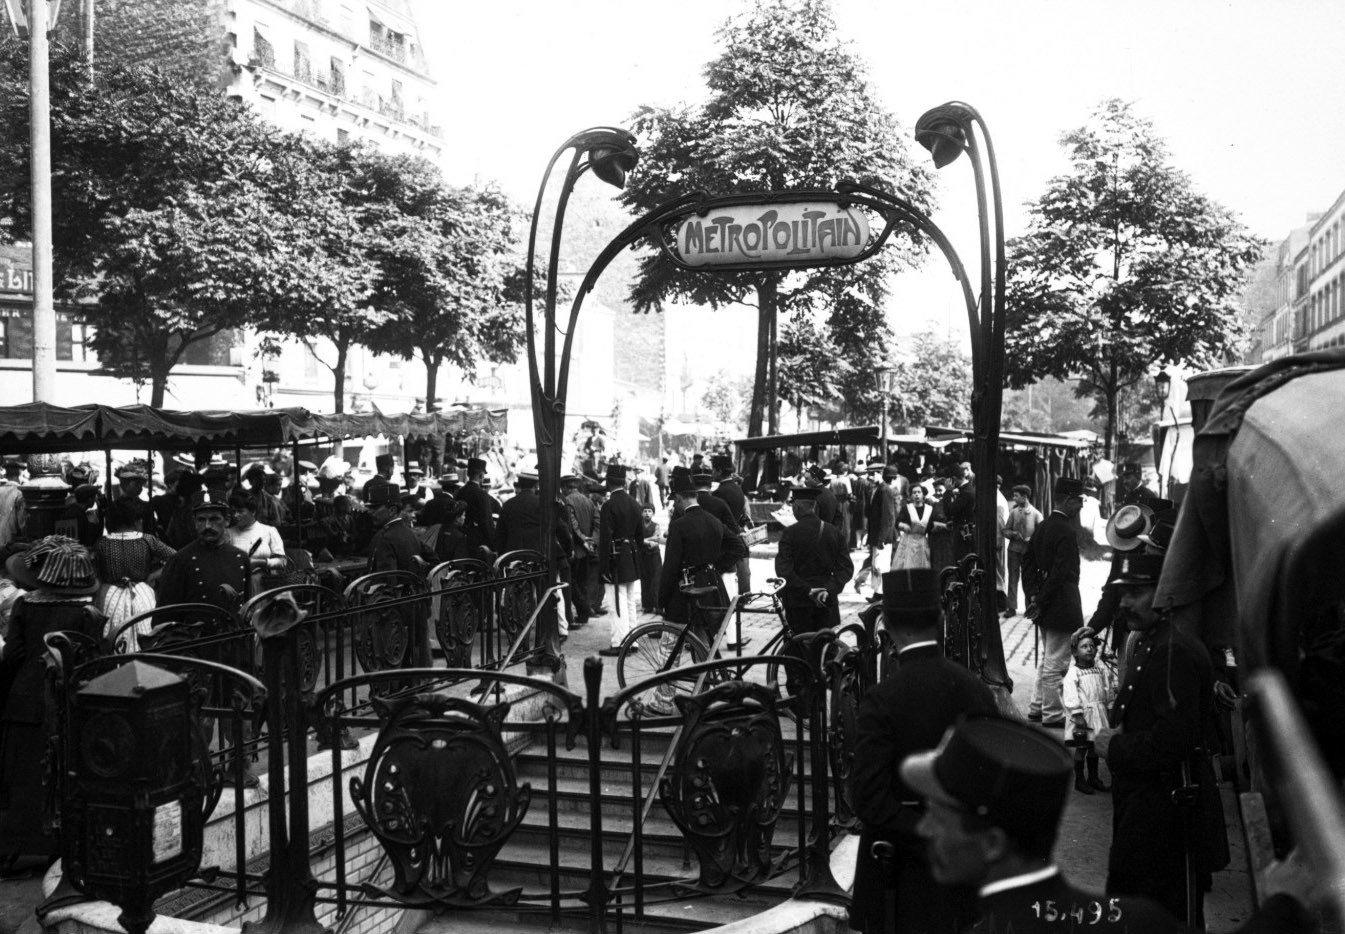 Bahnhof Couronnes, Paris, 1911, Photographique Agence Rol., Bibliothèque nationale de France, No Copyright - Other Known Legal Restrictions